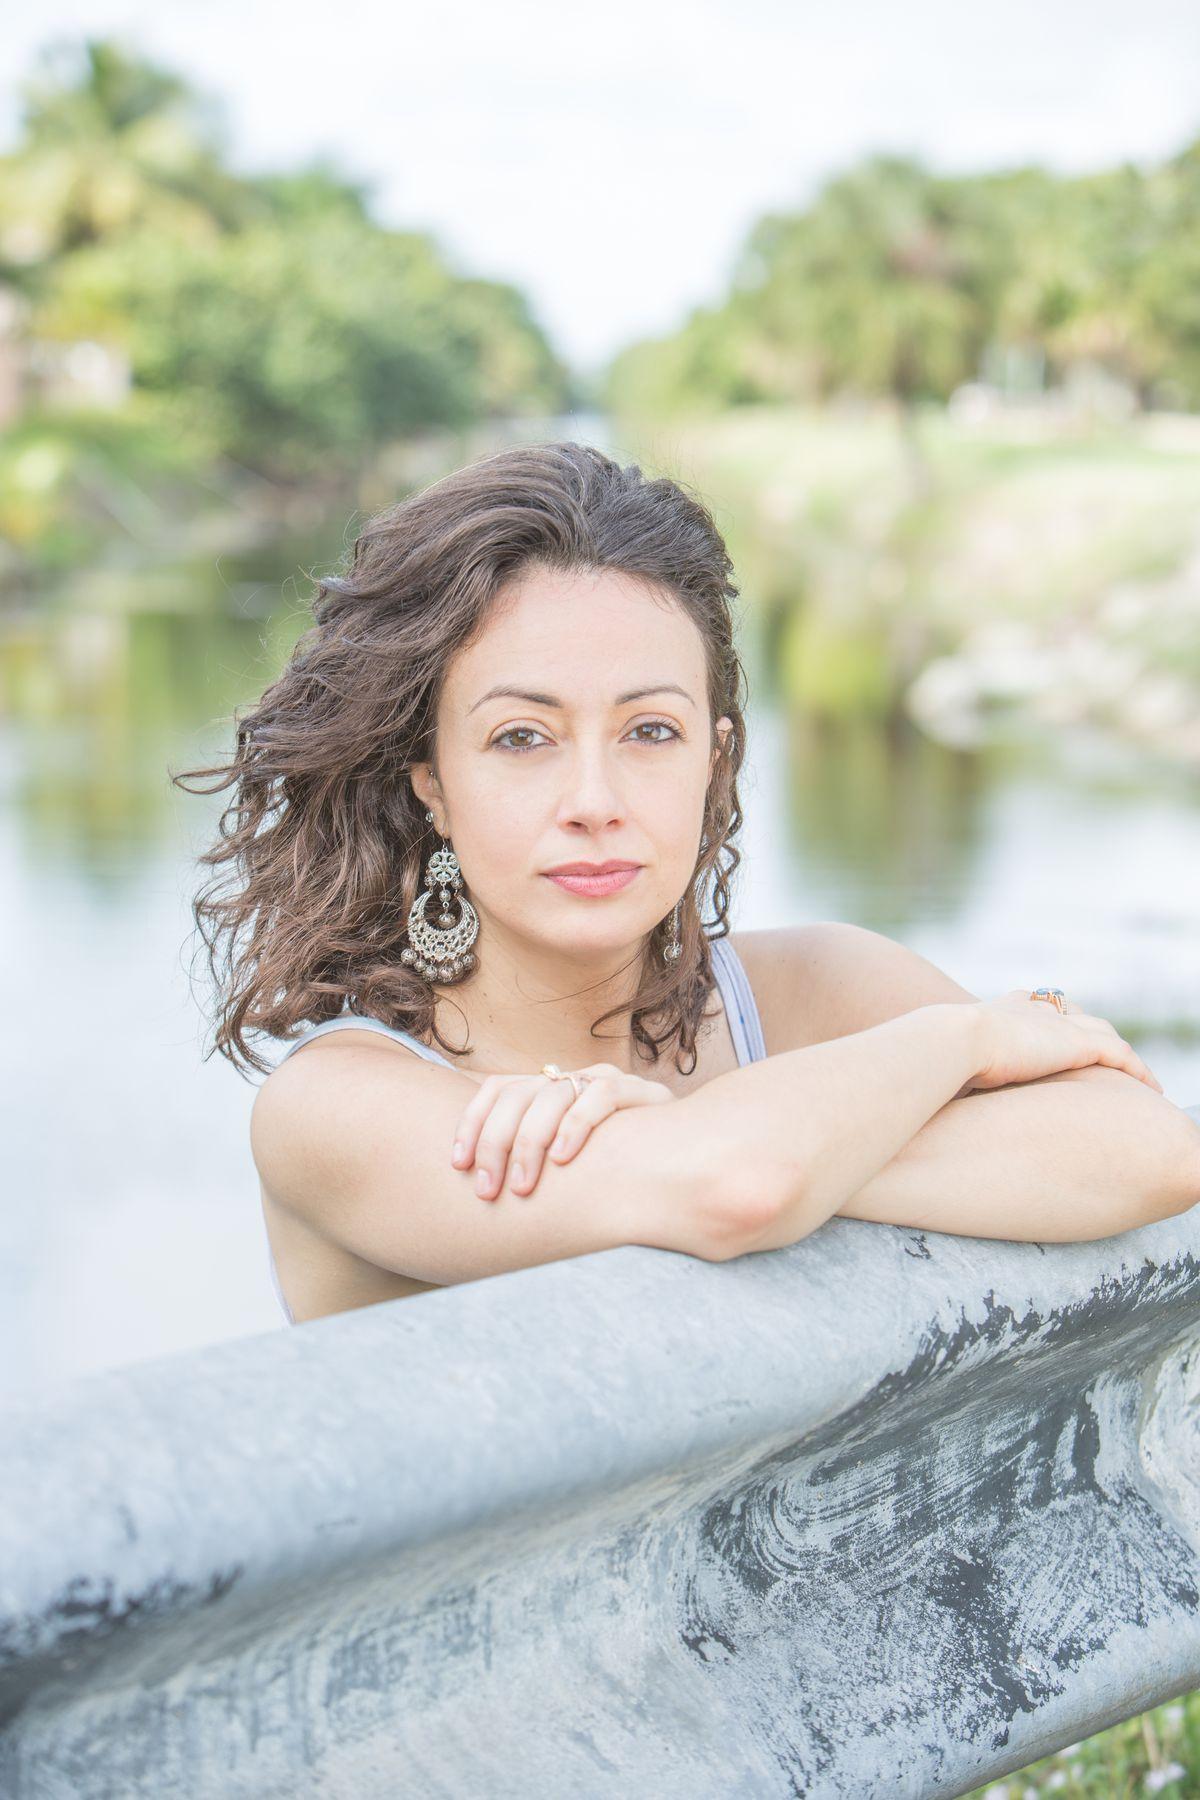 Portrait photograph of author Jennine Capó Crucet showing head and shoulders.